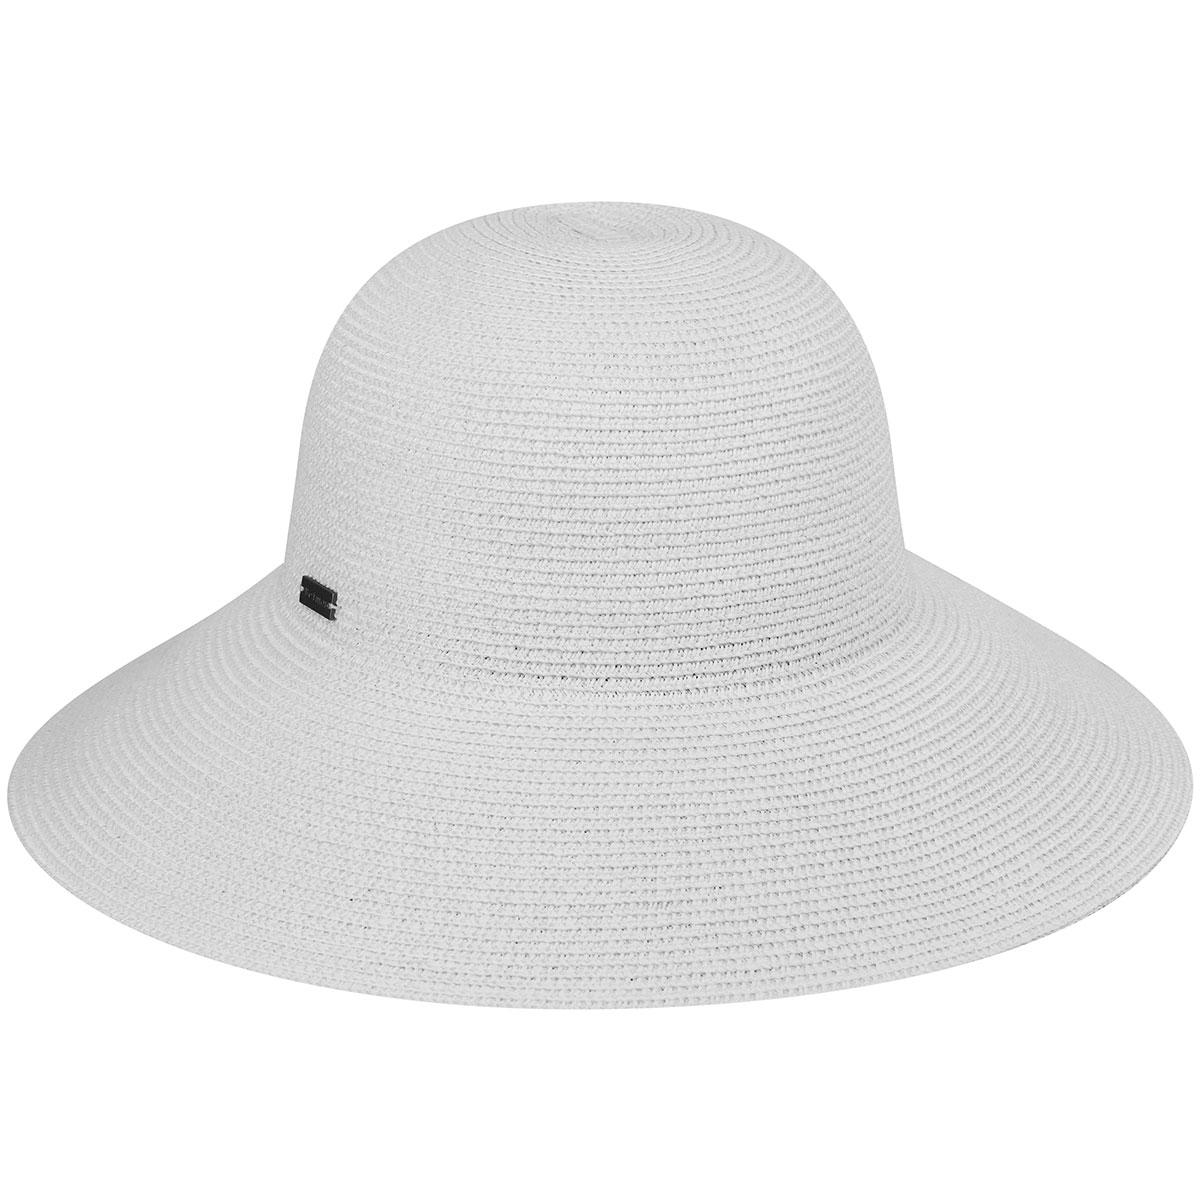 Gossamer Wide Brim Hat - White/1SFM